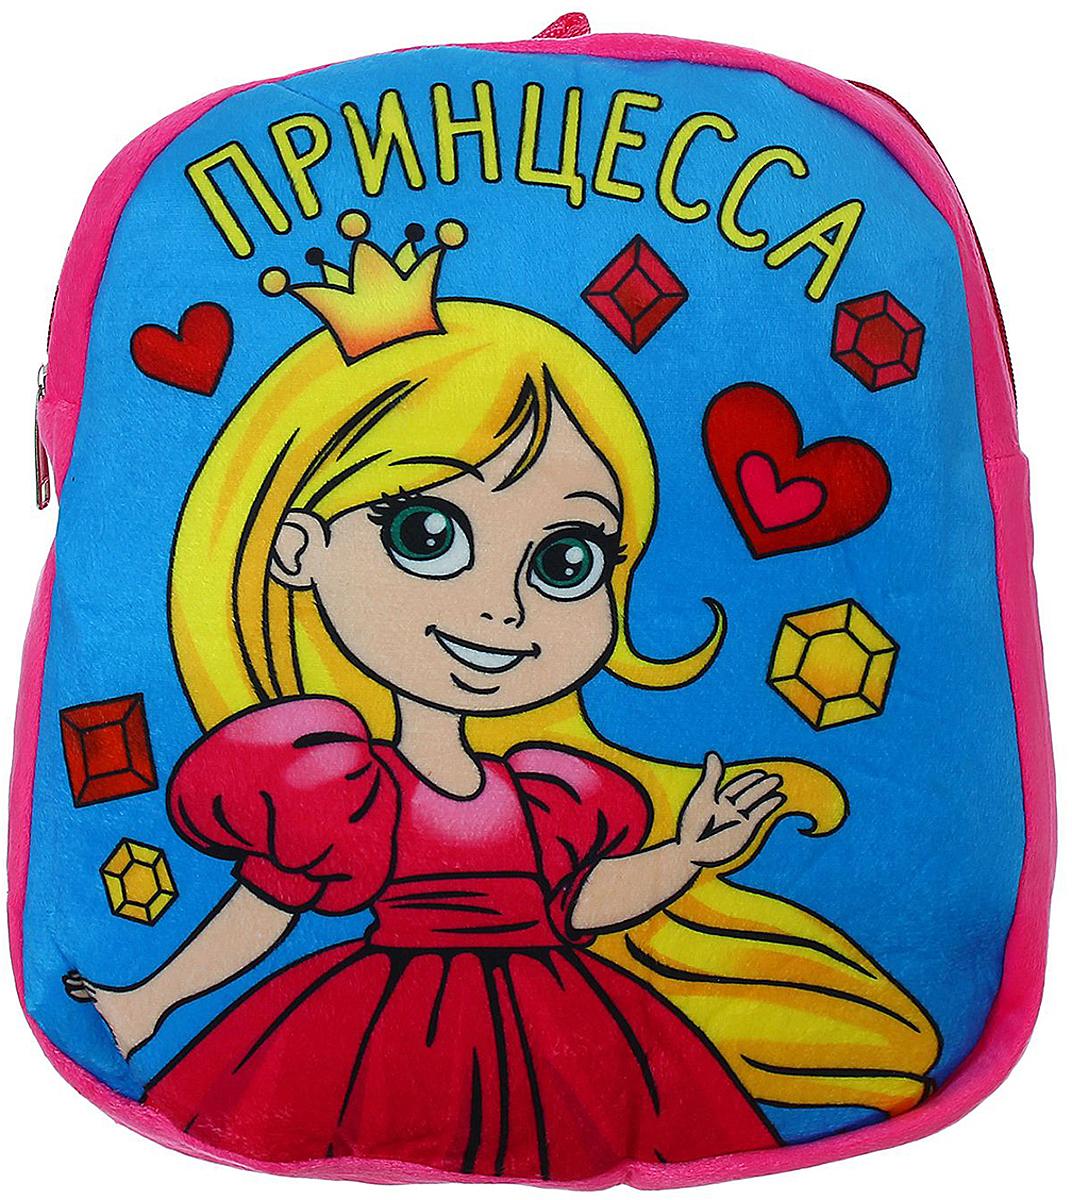 Страна Карнавалия Рюкзак дошкольный Принцесса цвет: голубой 14270531427053Дети обожают брать с собой игрушки. Для этого отлично подойдет небольшой, но вместительный рюкзачок с ярким принтом. Молния надежно сохранит все вещи внутри, а регулируемые ремешки сделают время, проведенное с любимым персонажем, еще комфортнее. Сверху имеется удобная ручка.